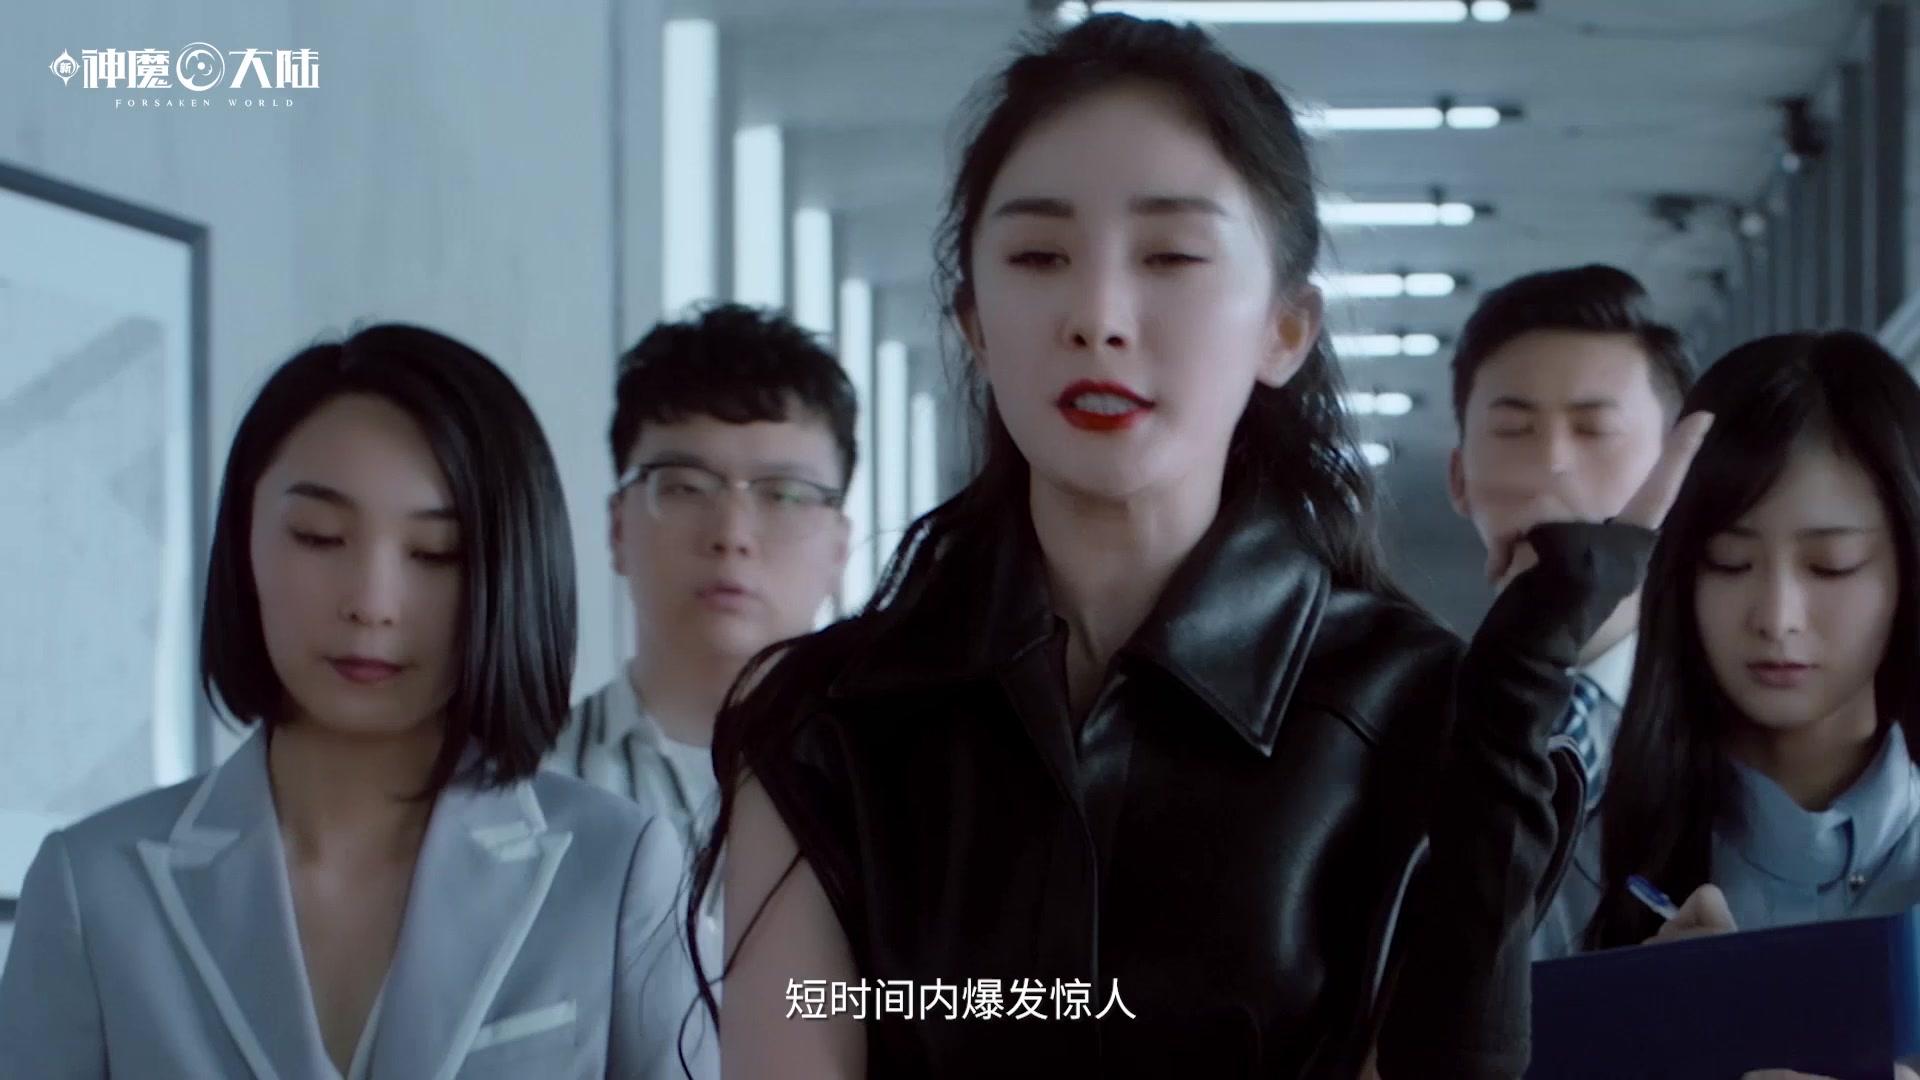 新神魔大陆杨幂